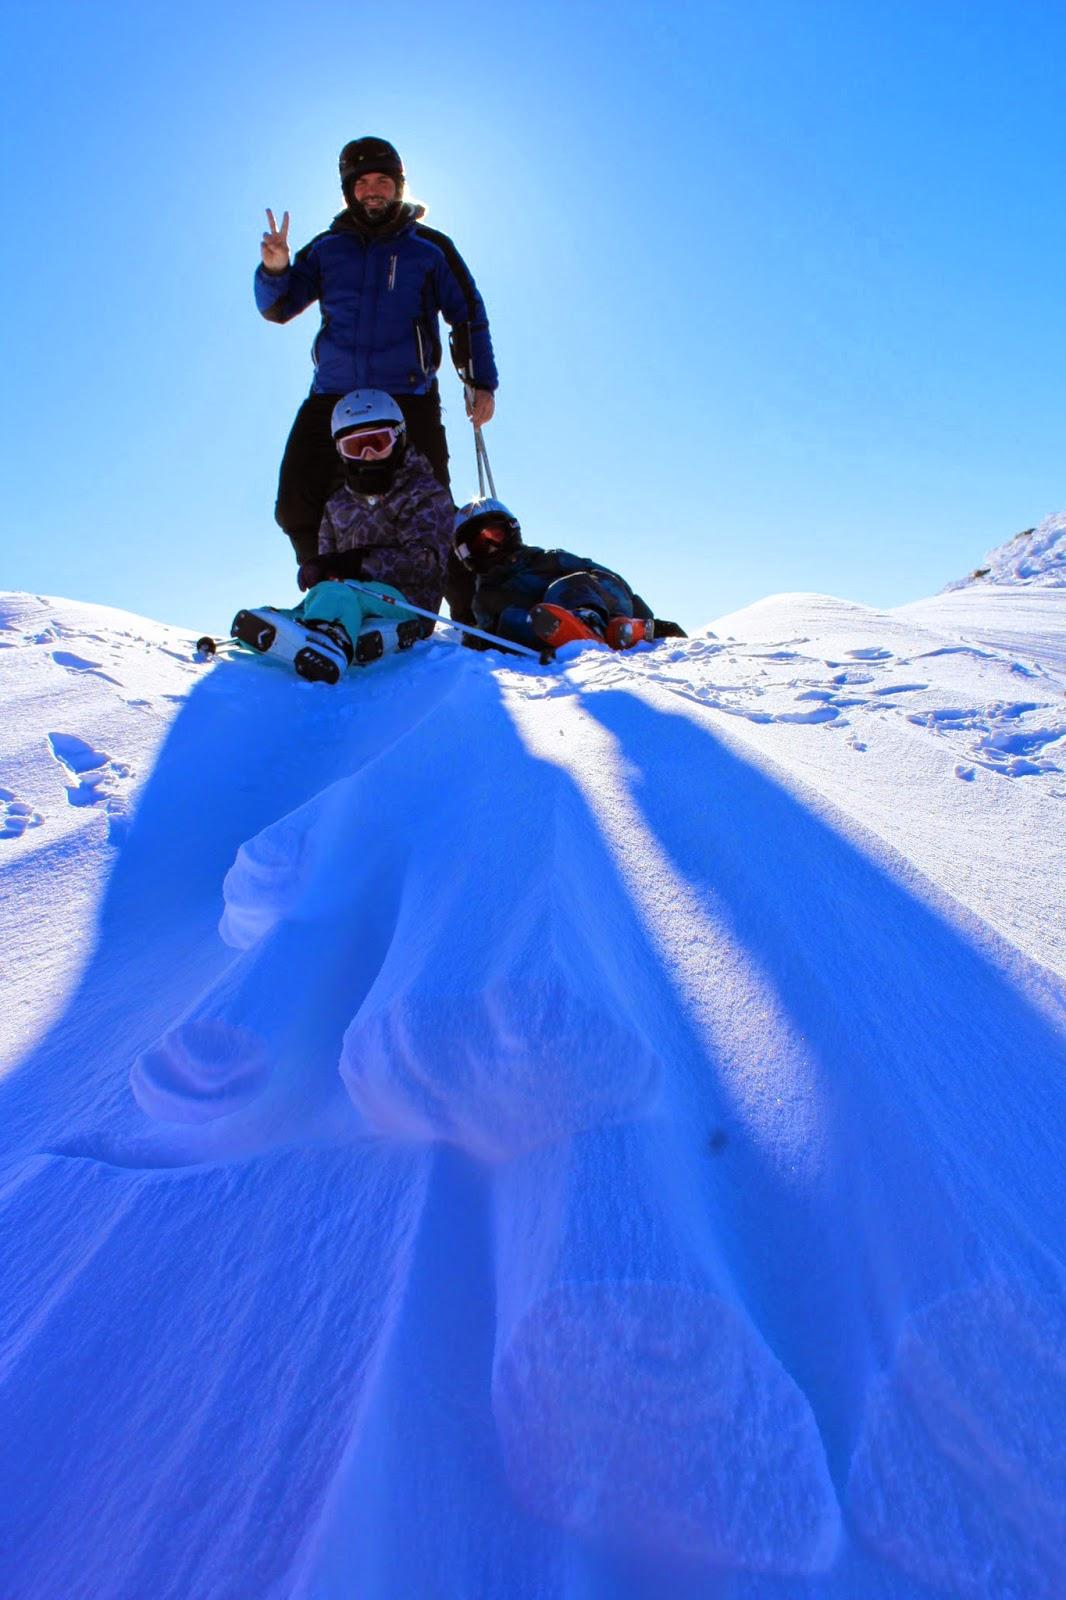 szczyt lodowca, lodowiec narty, family blog, diy narty, narciarze, szkółka narciarska, inspiracje